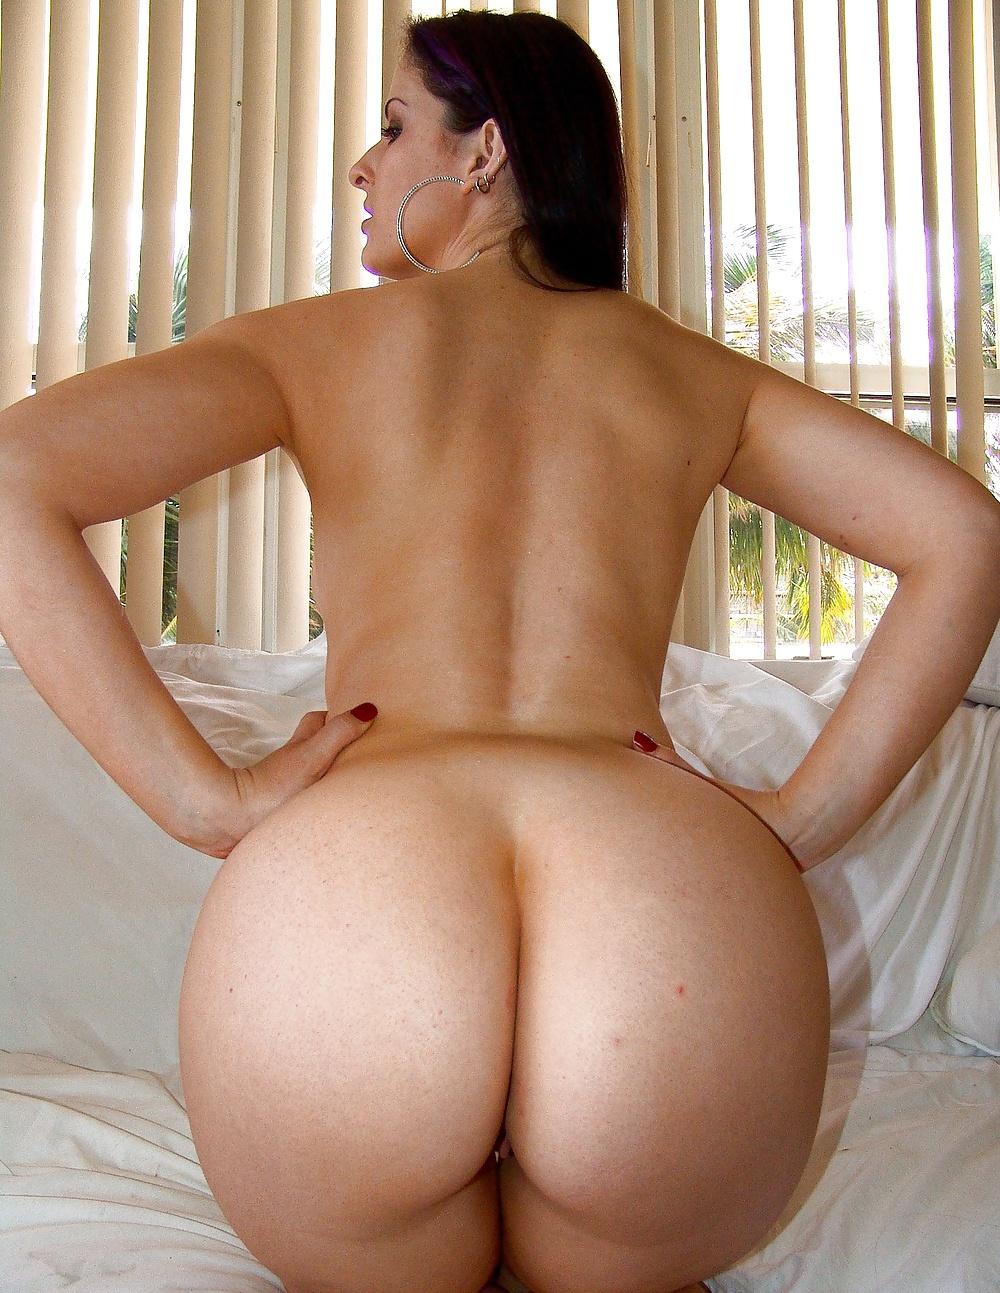 Round Ass Milf Porn Star Brandi Love Screwed